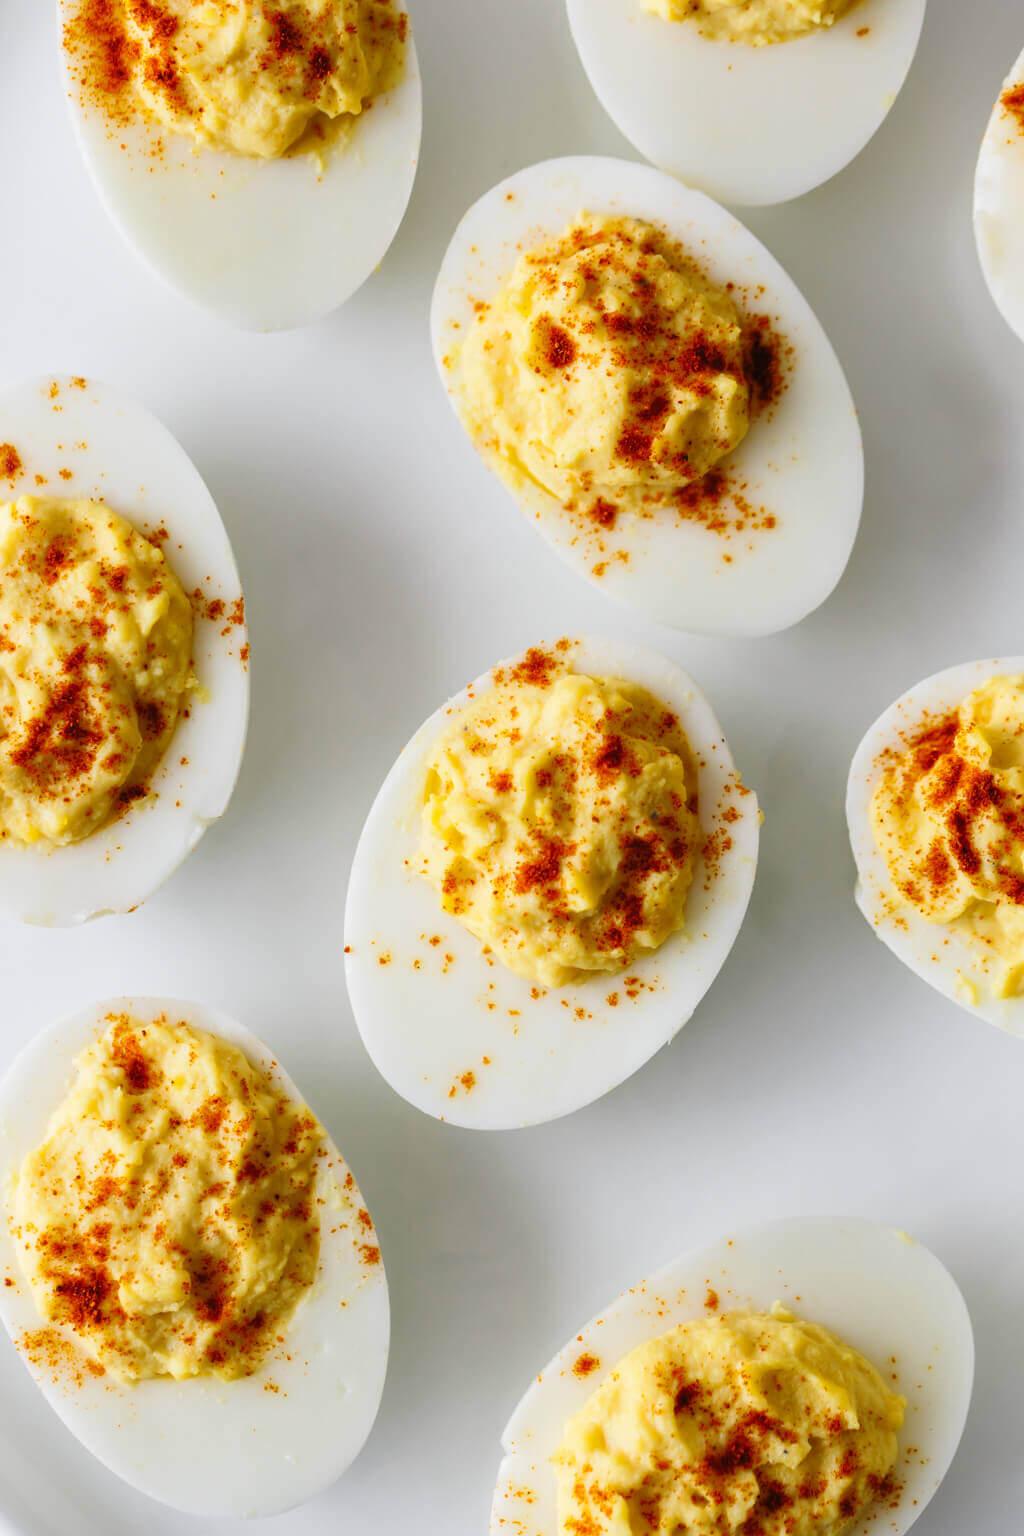 9. Deviled Eggs